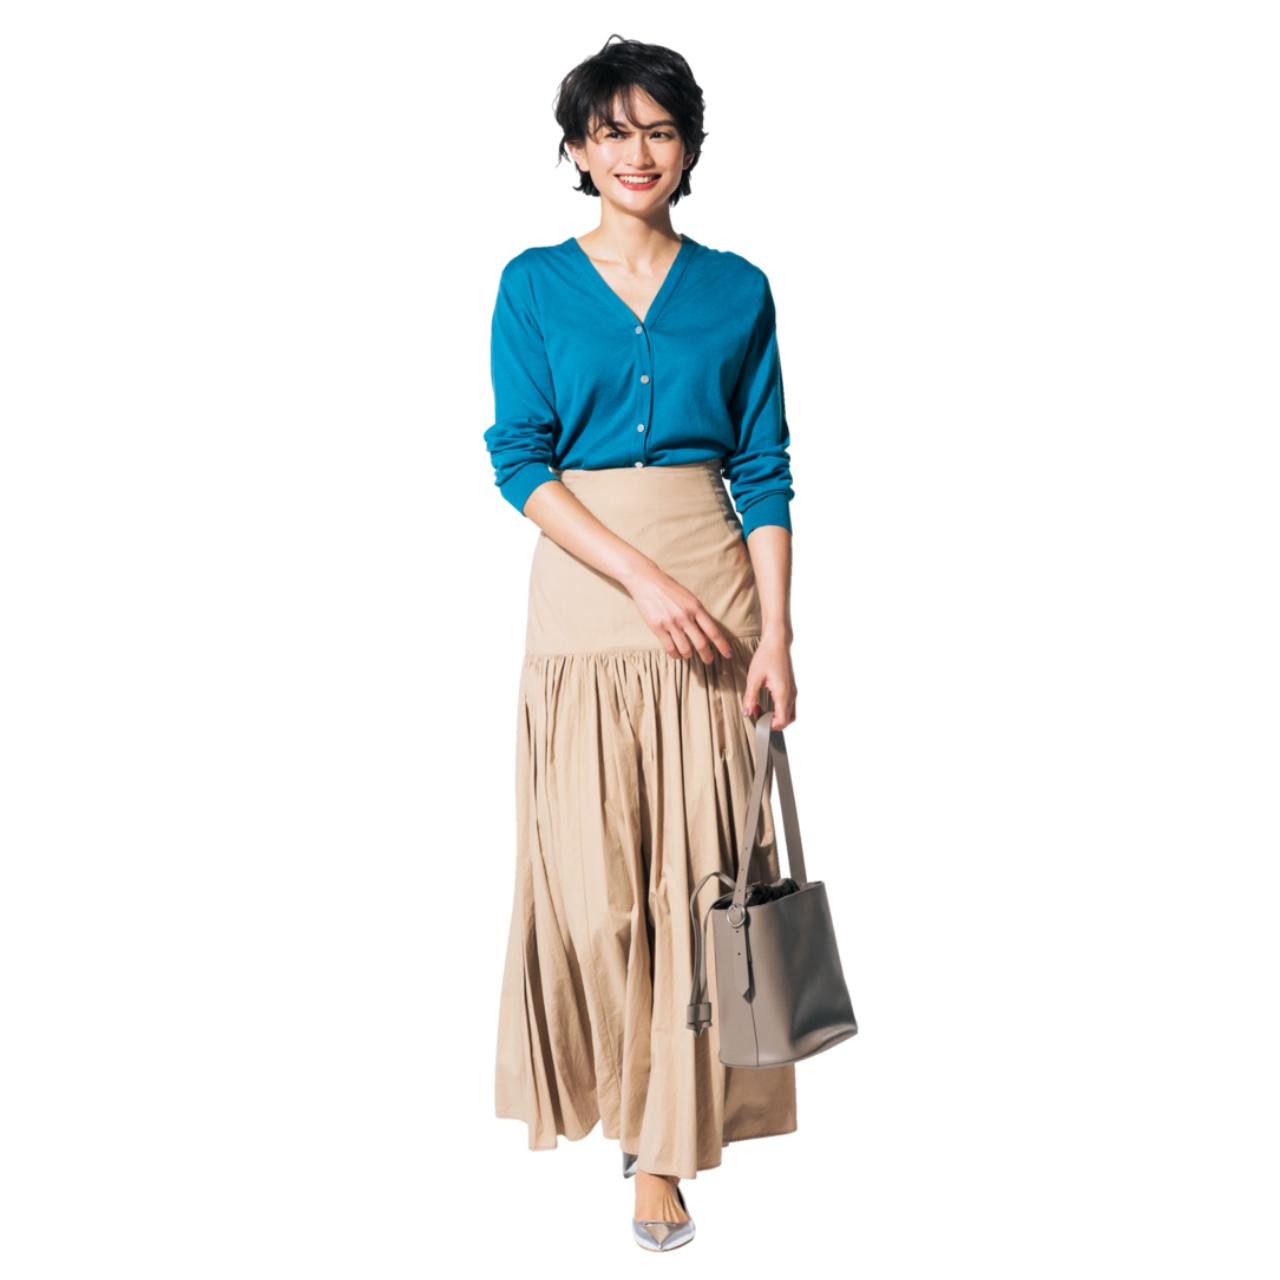 ベージュのマキシスカート×ブルーのカーディガンのファッションコーデ